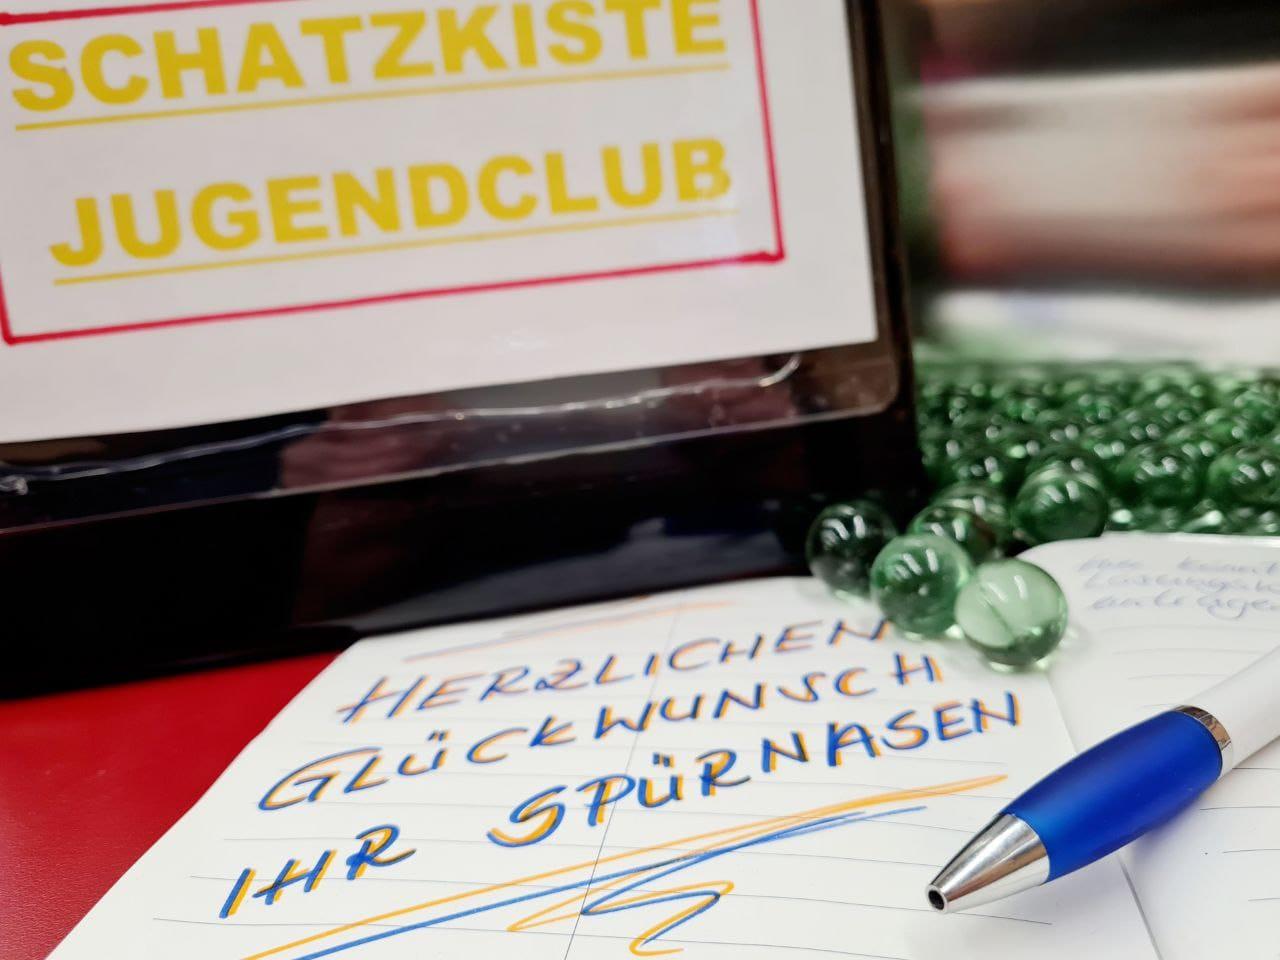 Blick in das Logbuch und auf die Schatzkiste der Schatzsuche vom Jugendclub in Seebach